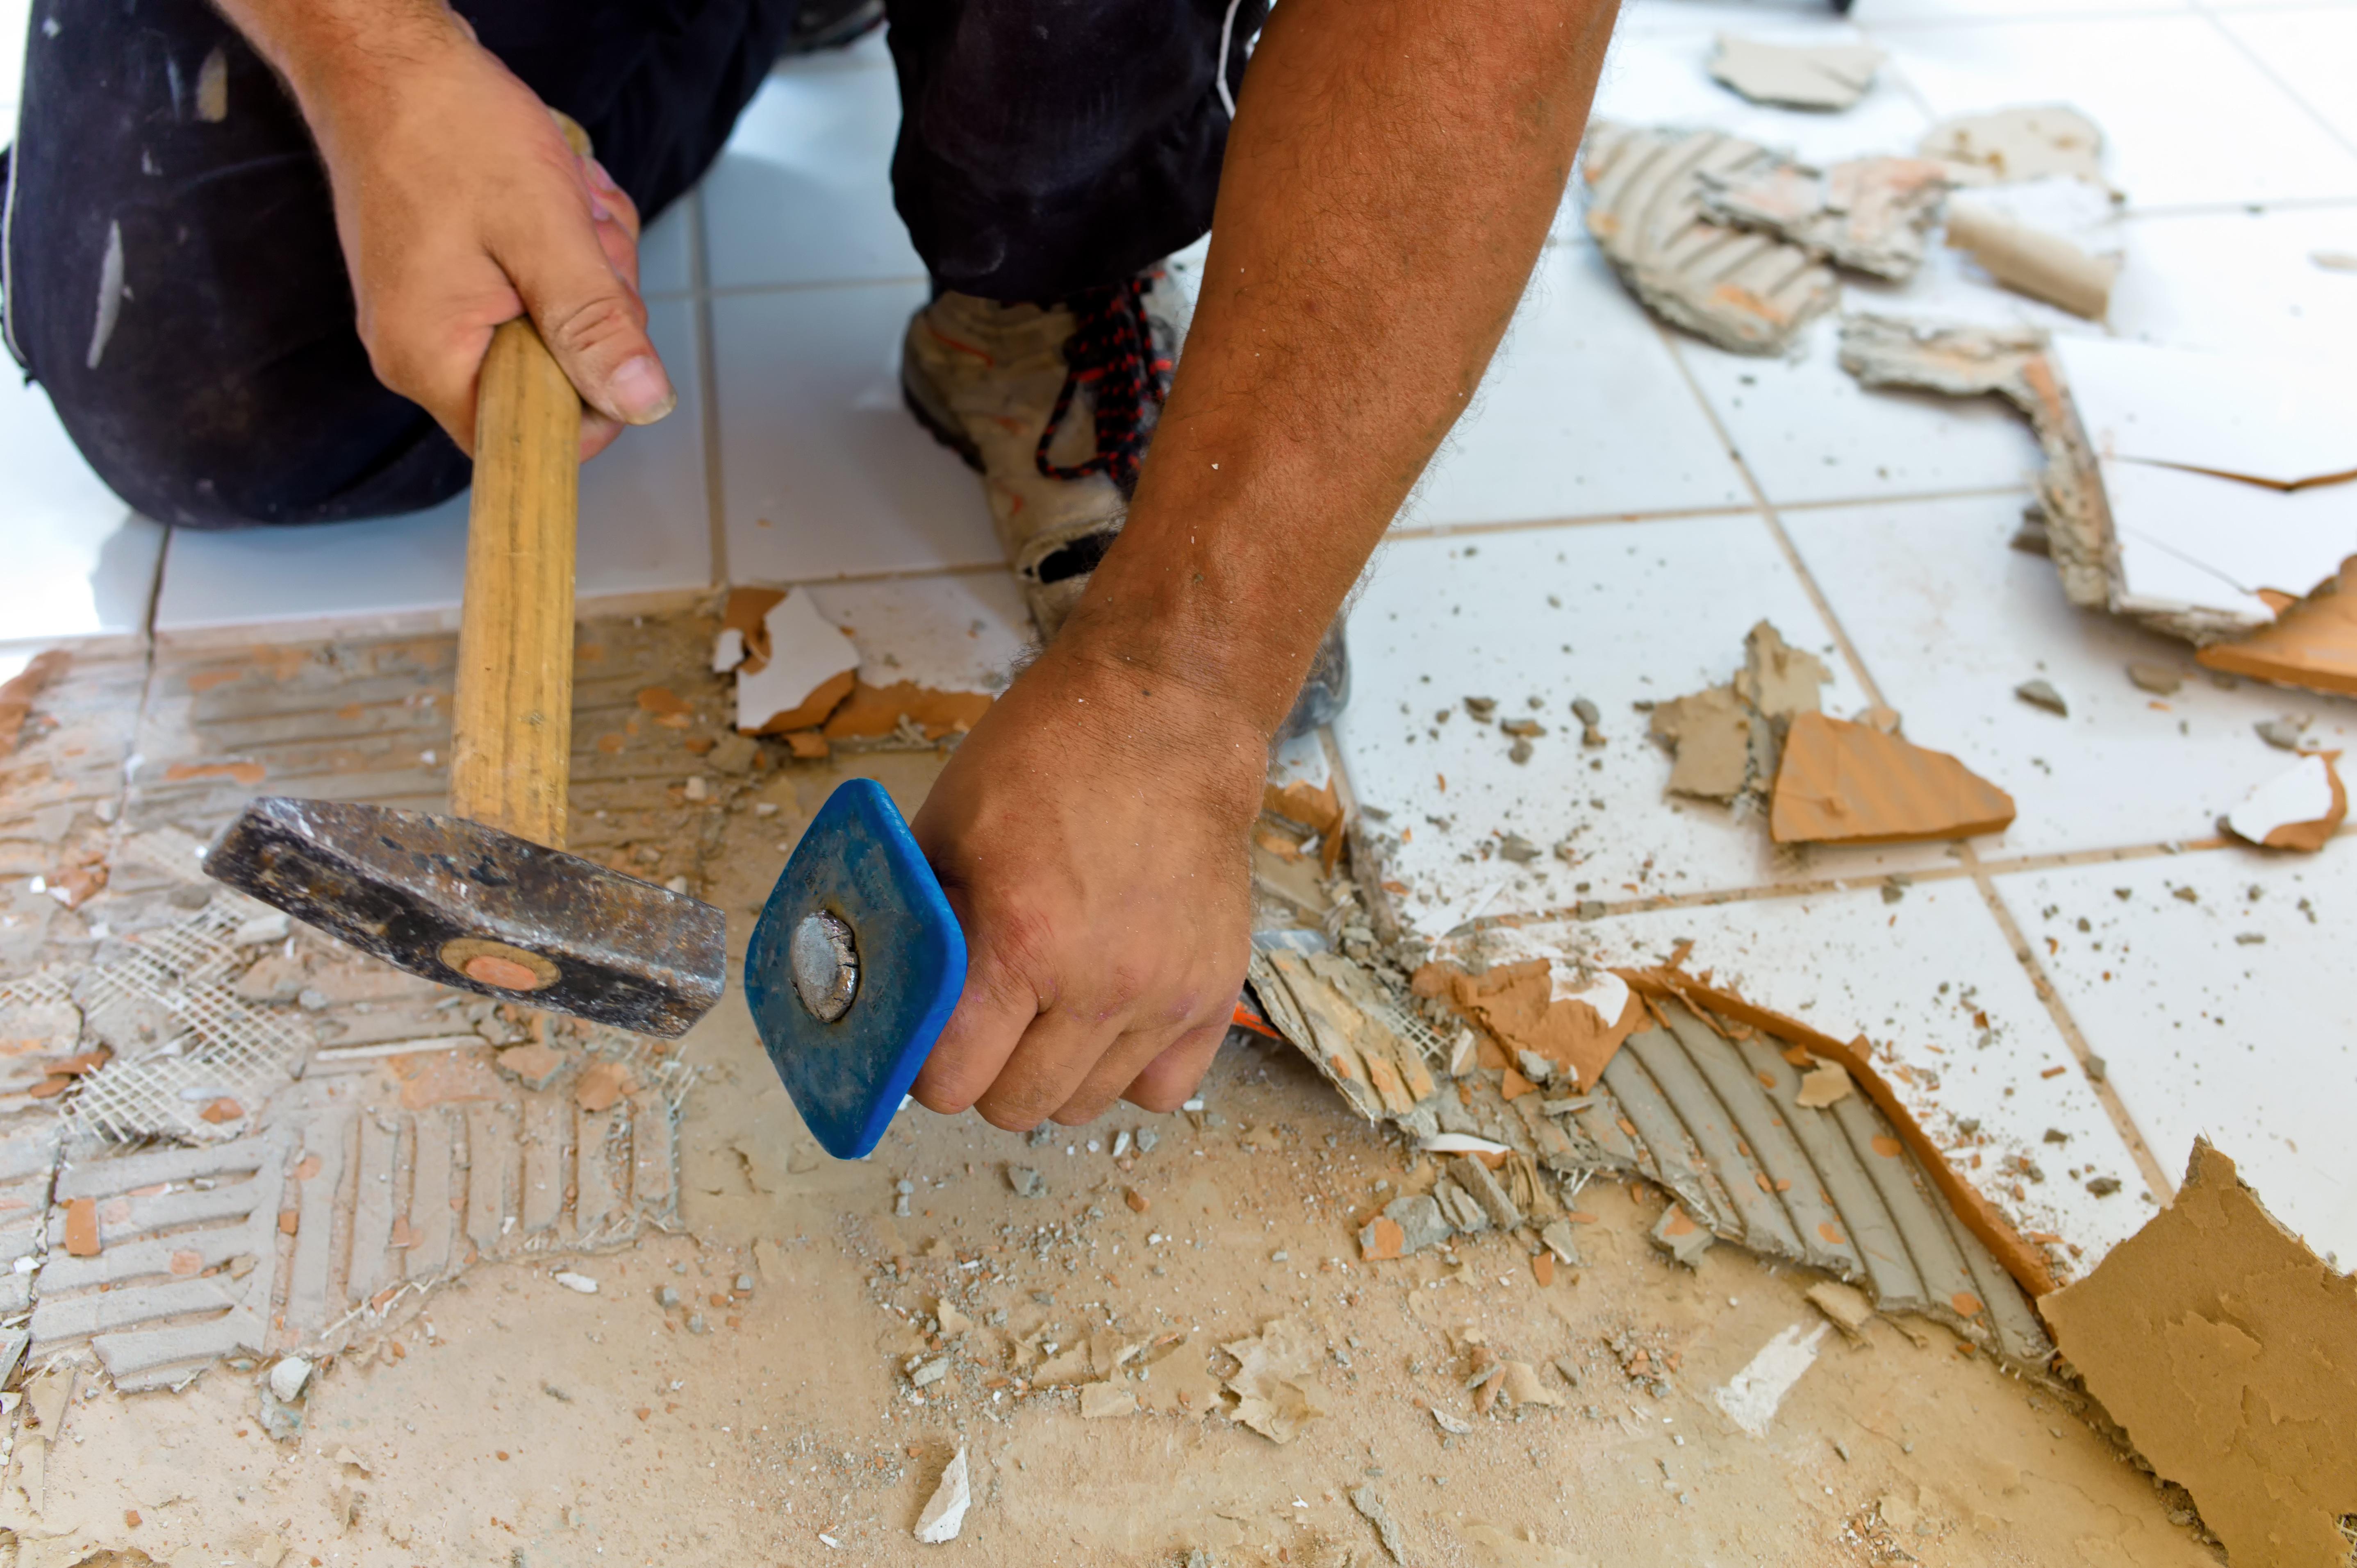 Tegelvloer Keuken Vervangen : , toilet, keuken of ergens anders in huis bijvoorbeeld de tegelvloer